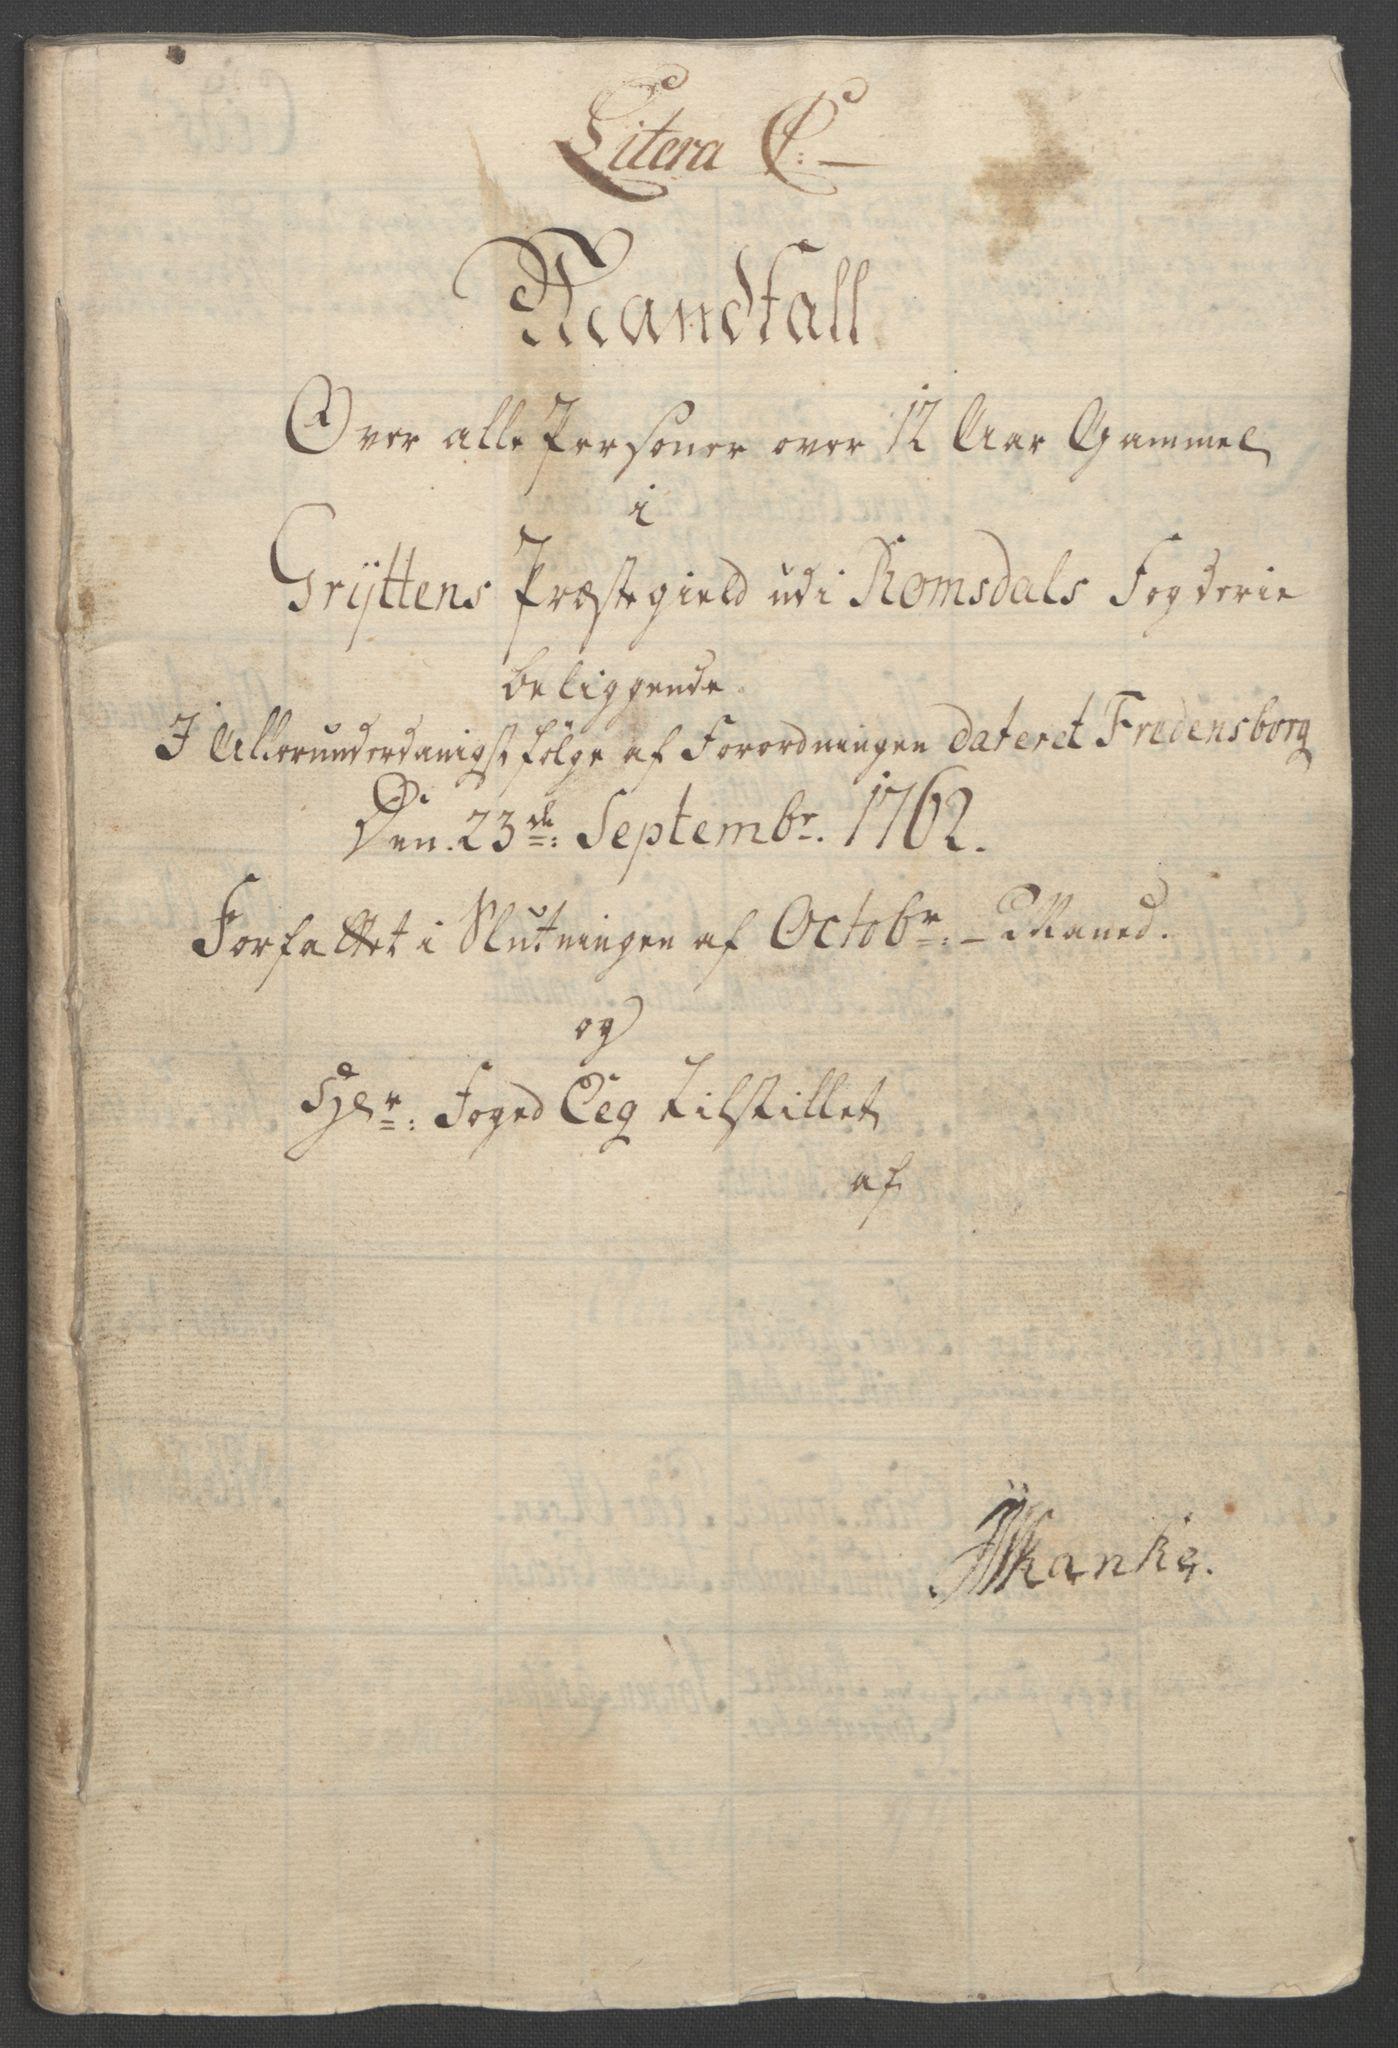 RA, Rentekammeret inntil 1814, Reviderte regnskaper, Fogderegnskap, R55/L3730: Ekstraskatten Romsdal, 1762-1763, s. 185